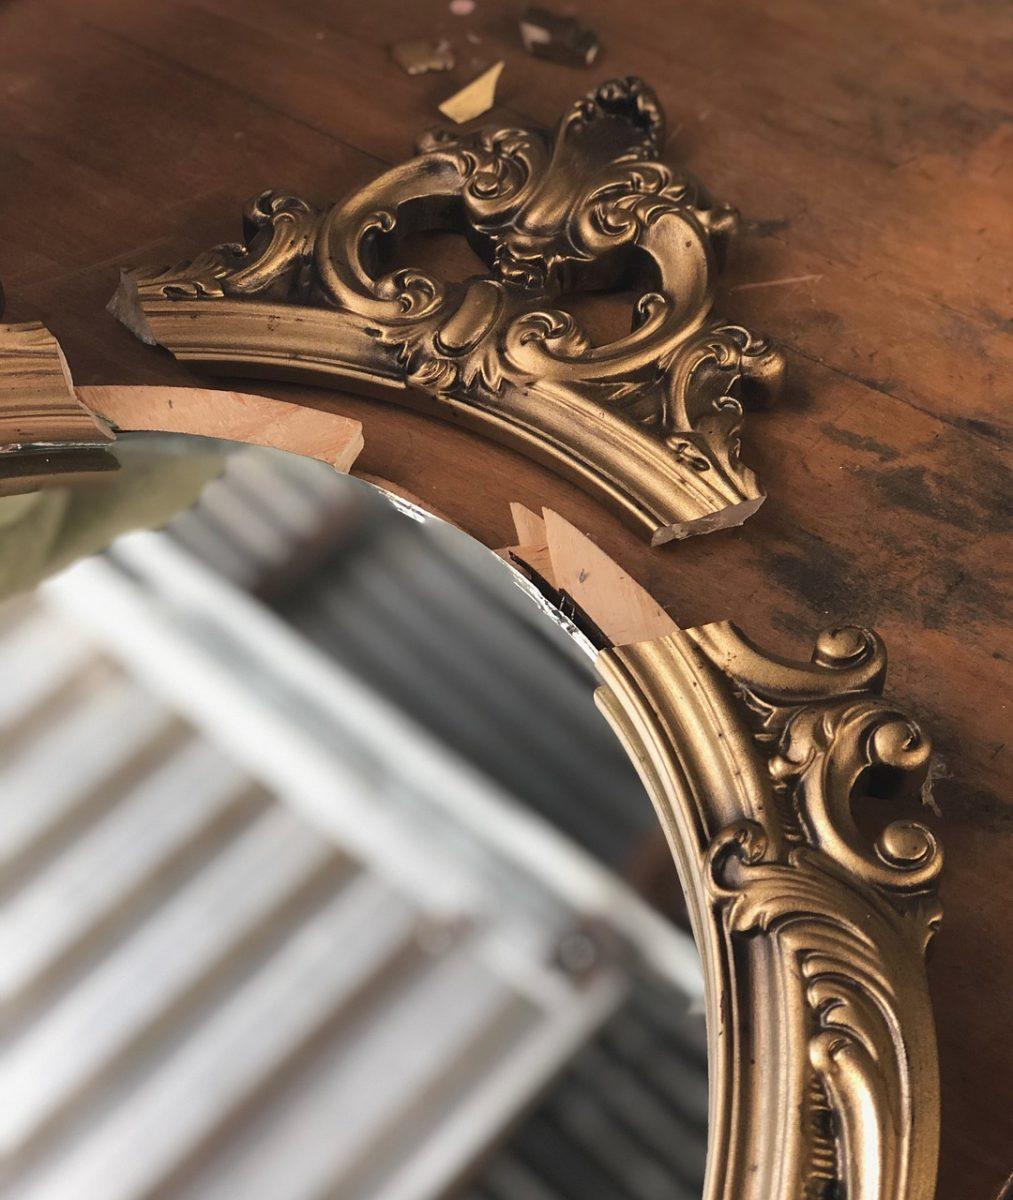 vintage 4052203 1280 scaled - 20 coisas que você deve evitar ter na sua casa, de acordo com Feng Shui!